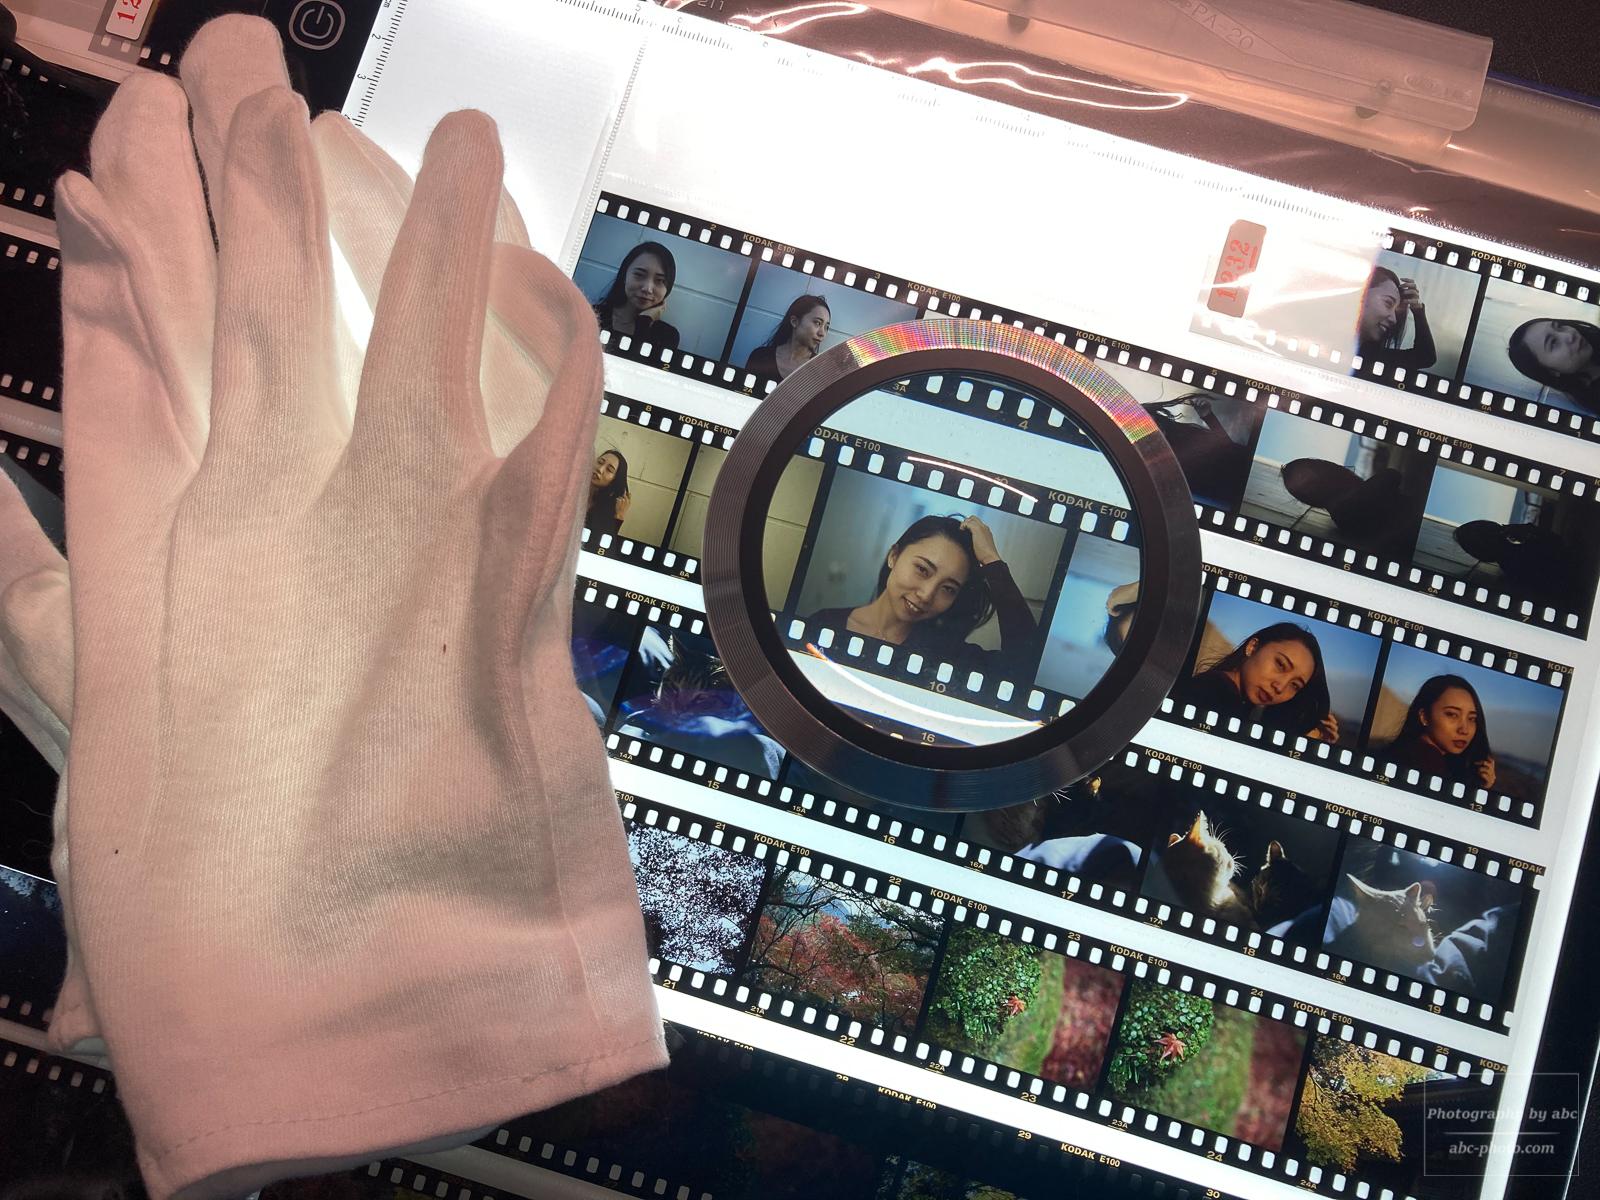 中判フィルムユーザなら必需品のアイテム5選